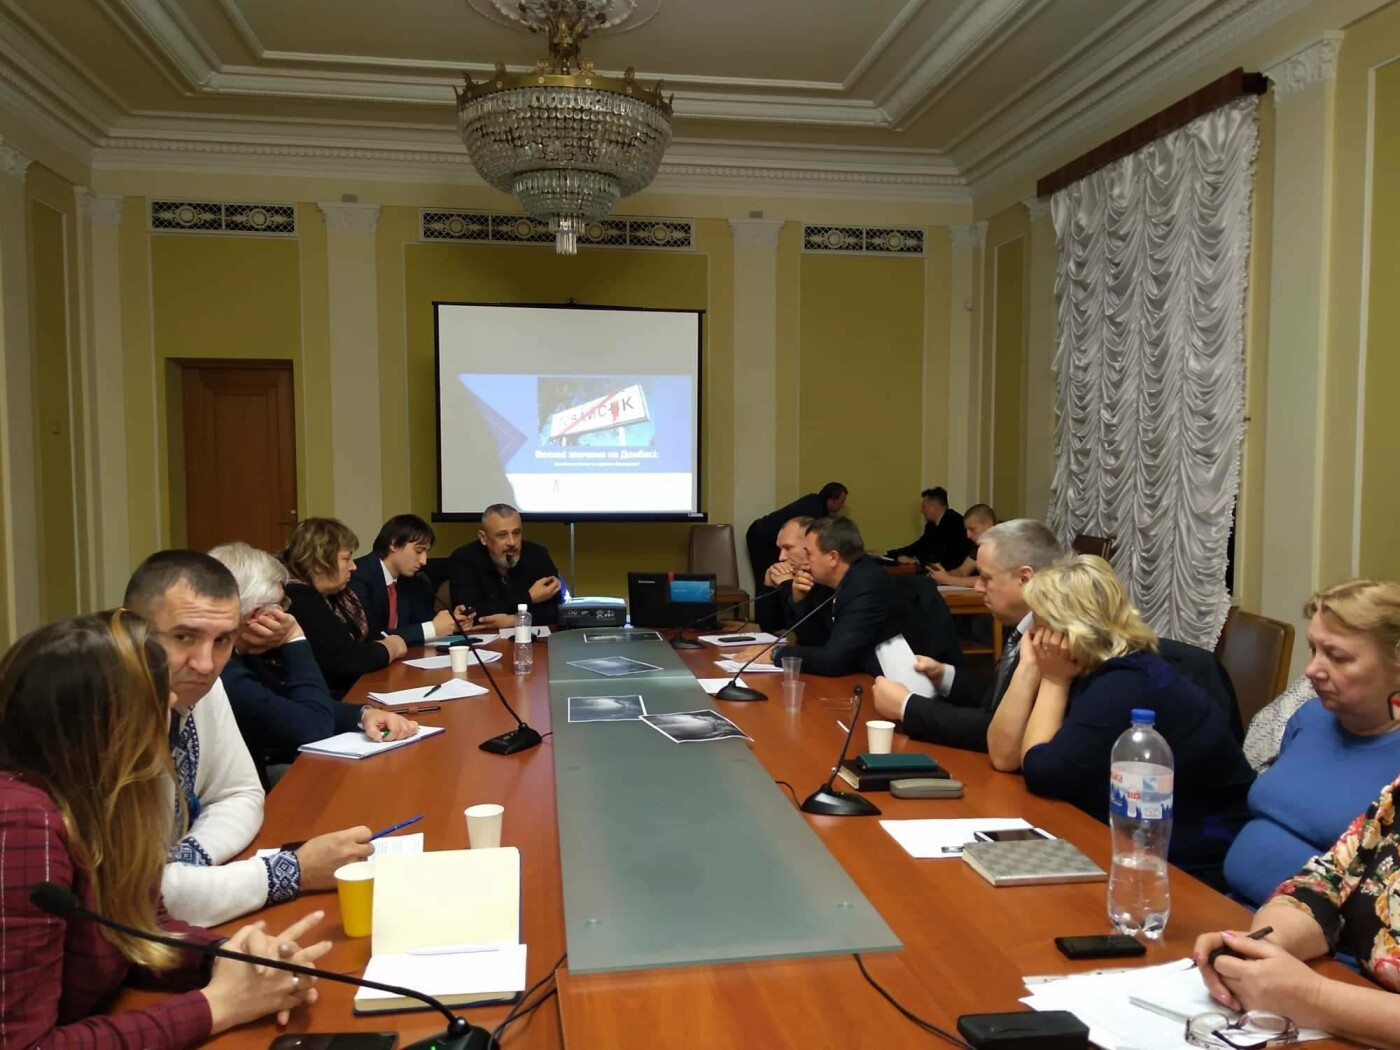 Криворожане обсуждали в Киеве законопроект о защите пленных и пропавших без вести, - ФОТО, фото-3